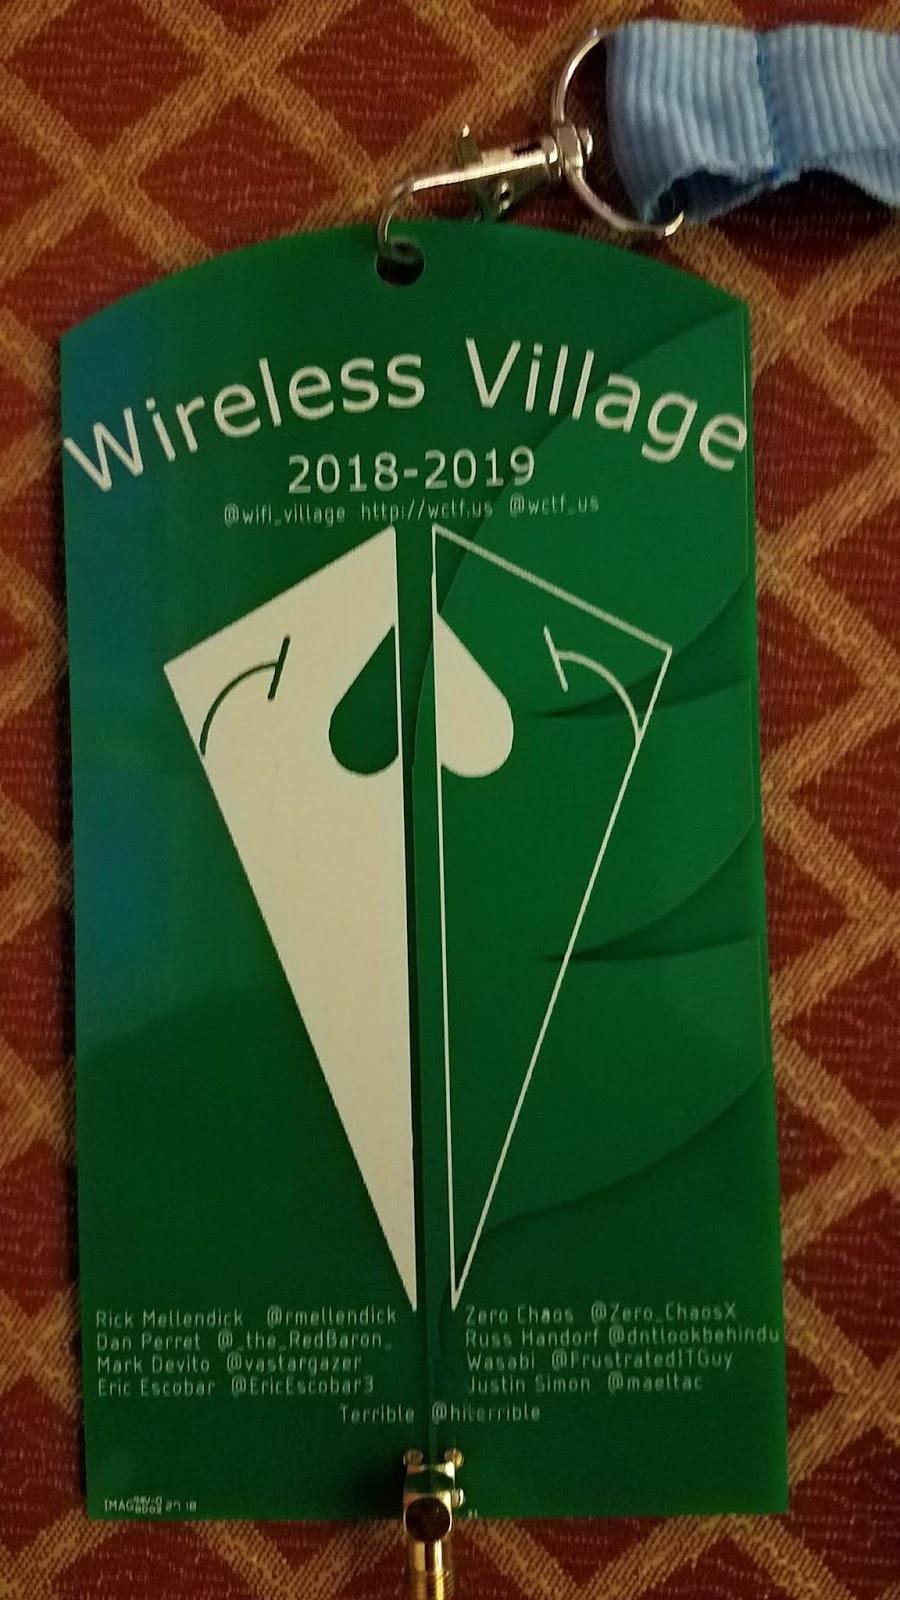 Wireless Village Antenna Badge